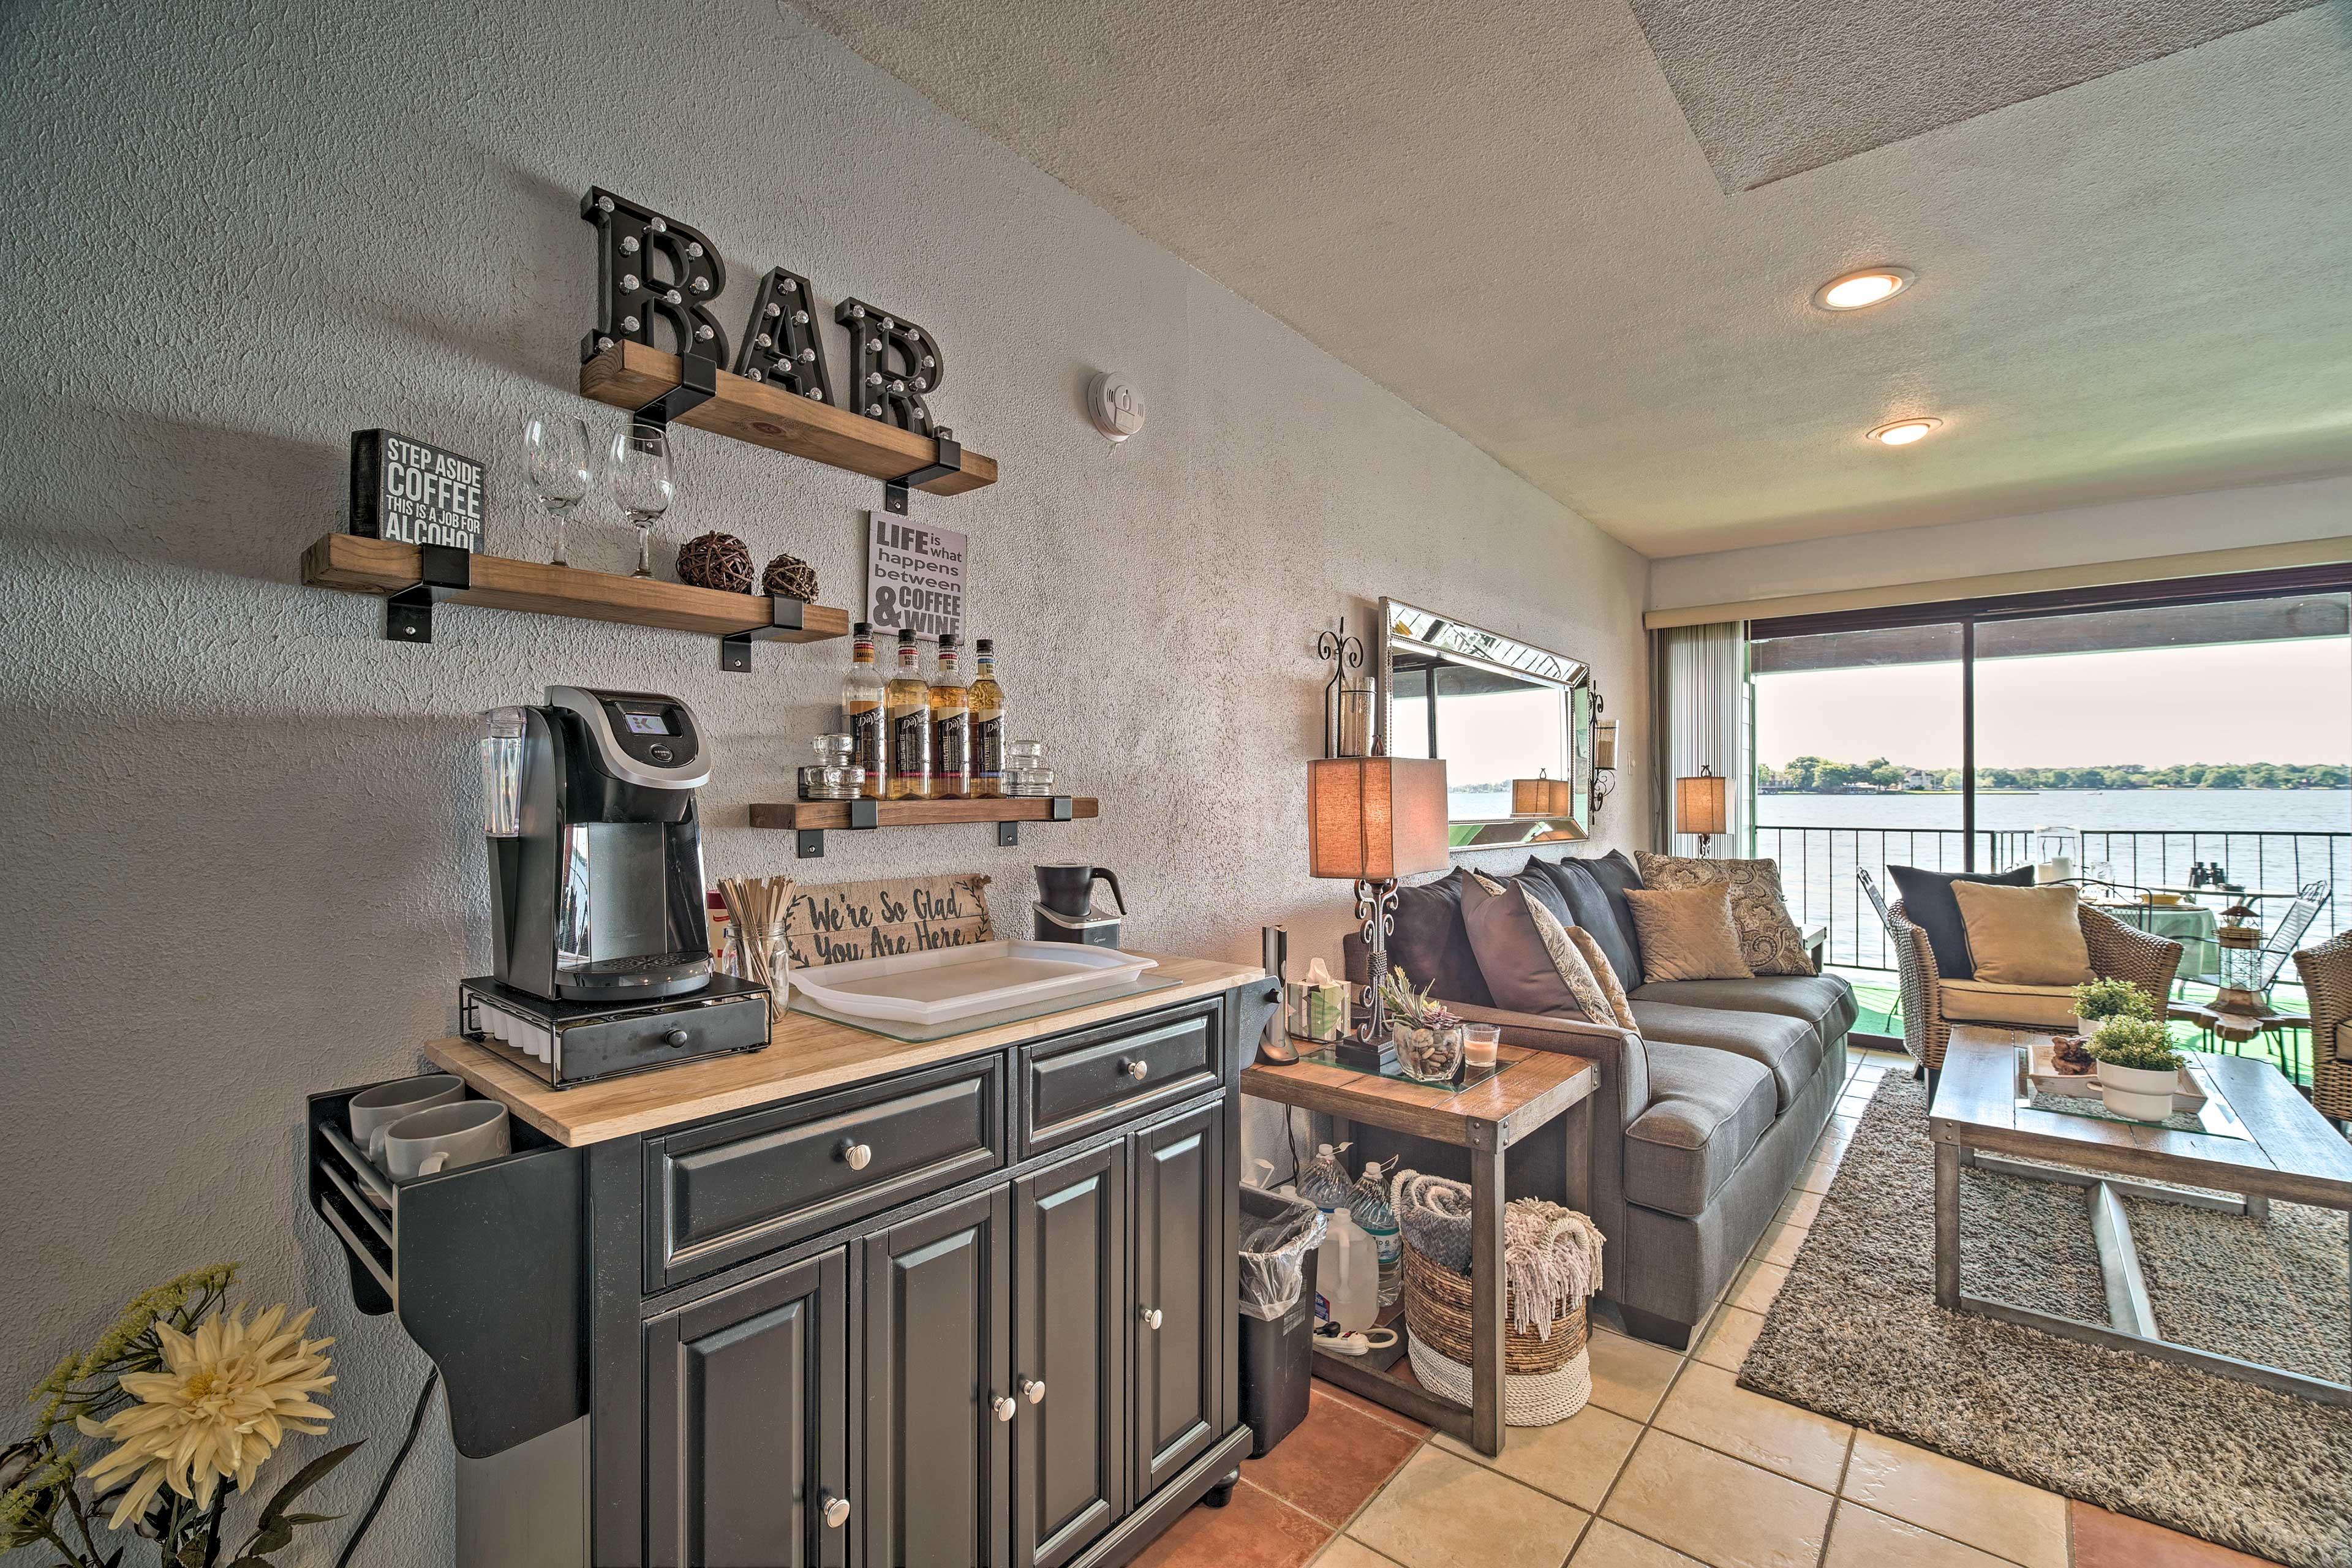 Living Room | Coffee Bar | Keurig Coffee Maker